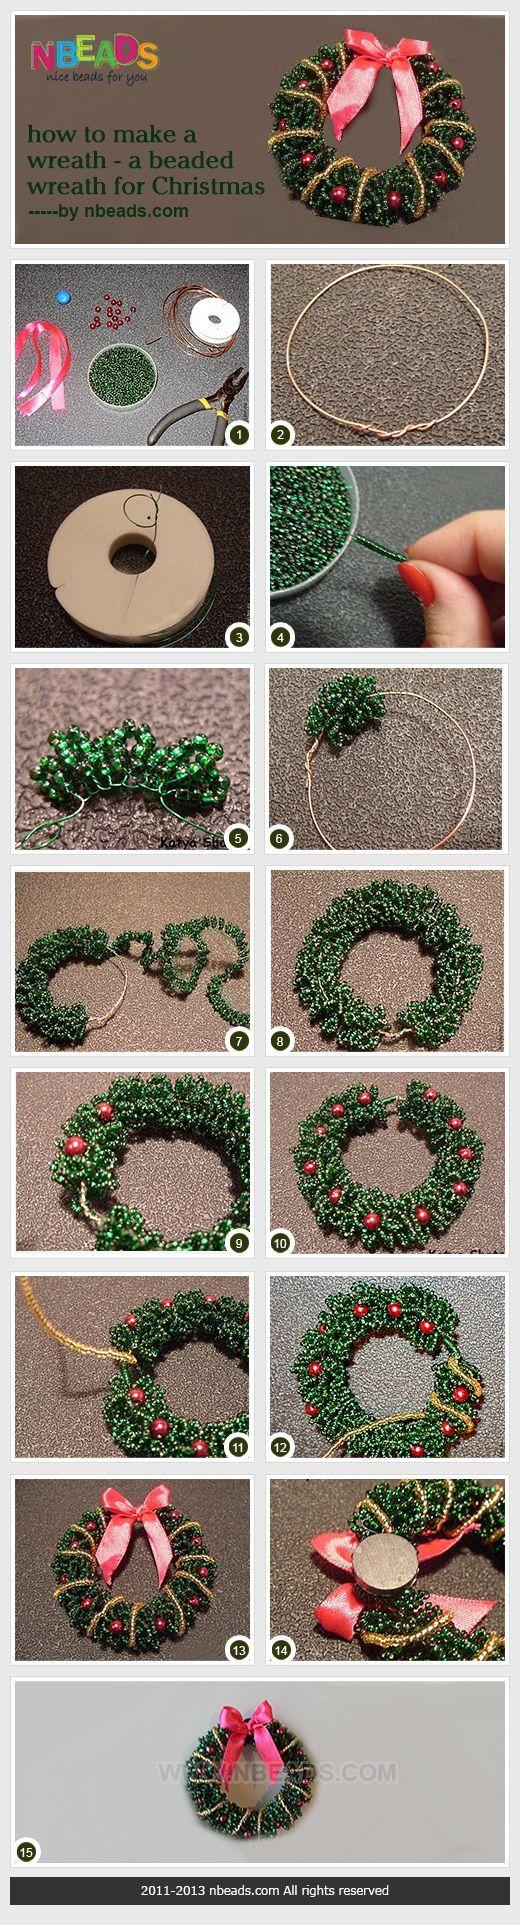 La guirnalda con cuentas para Navidad • Cómo hacer ver las imágenes: